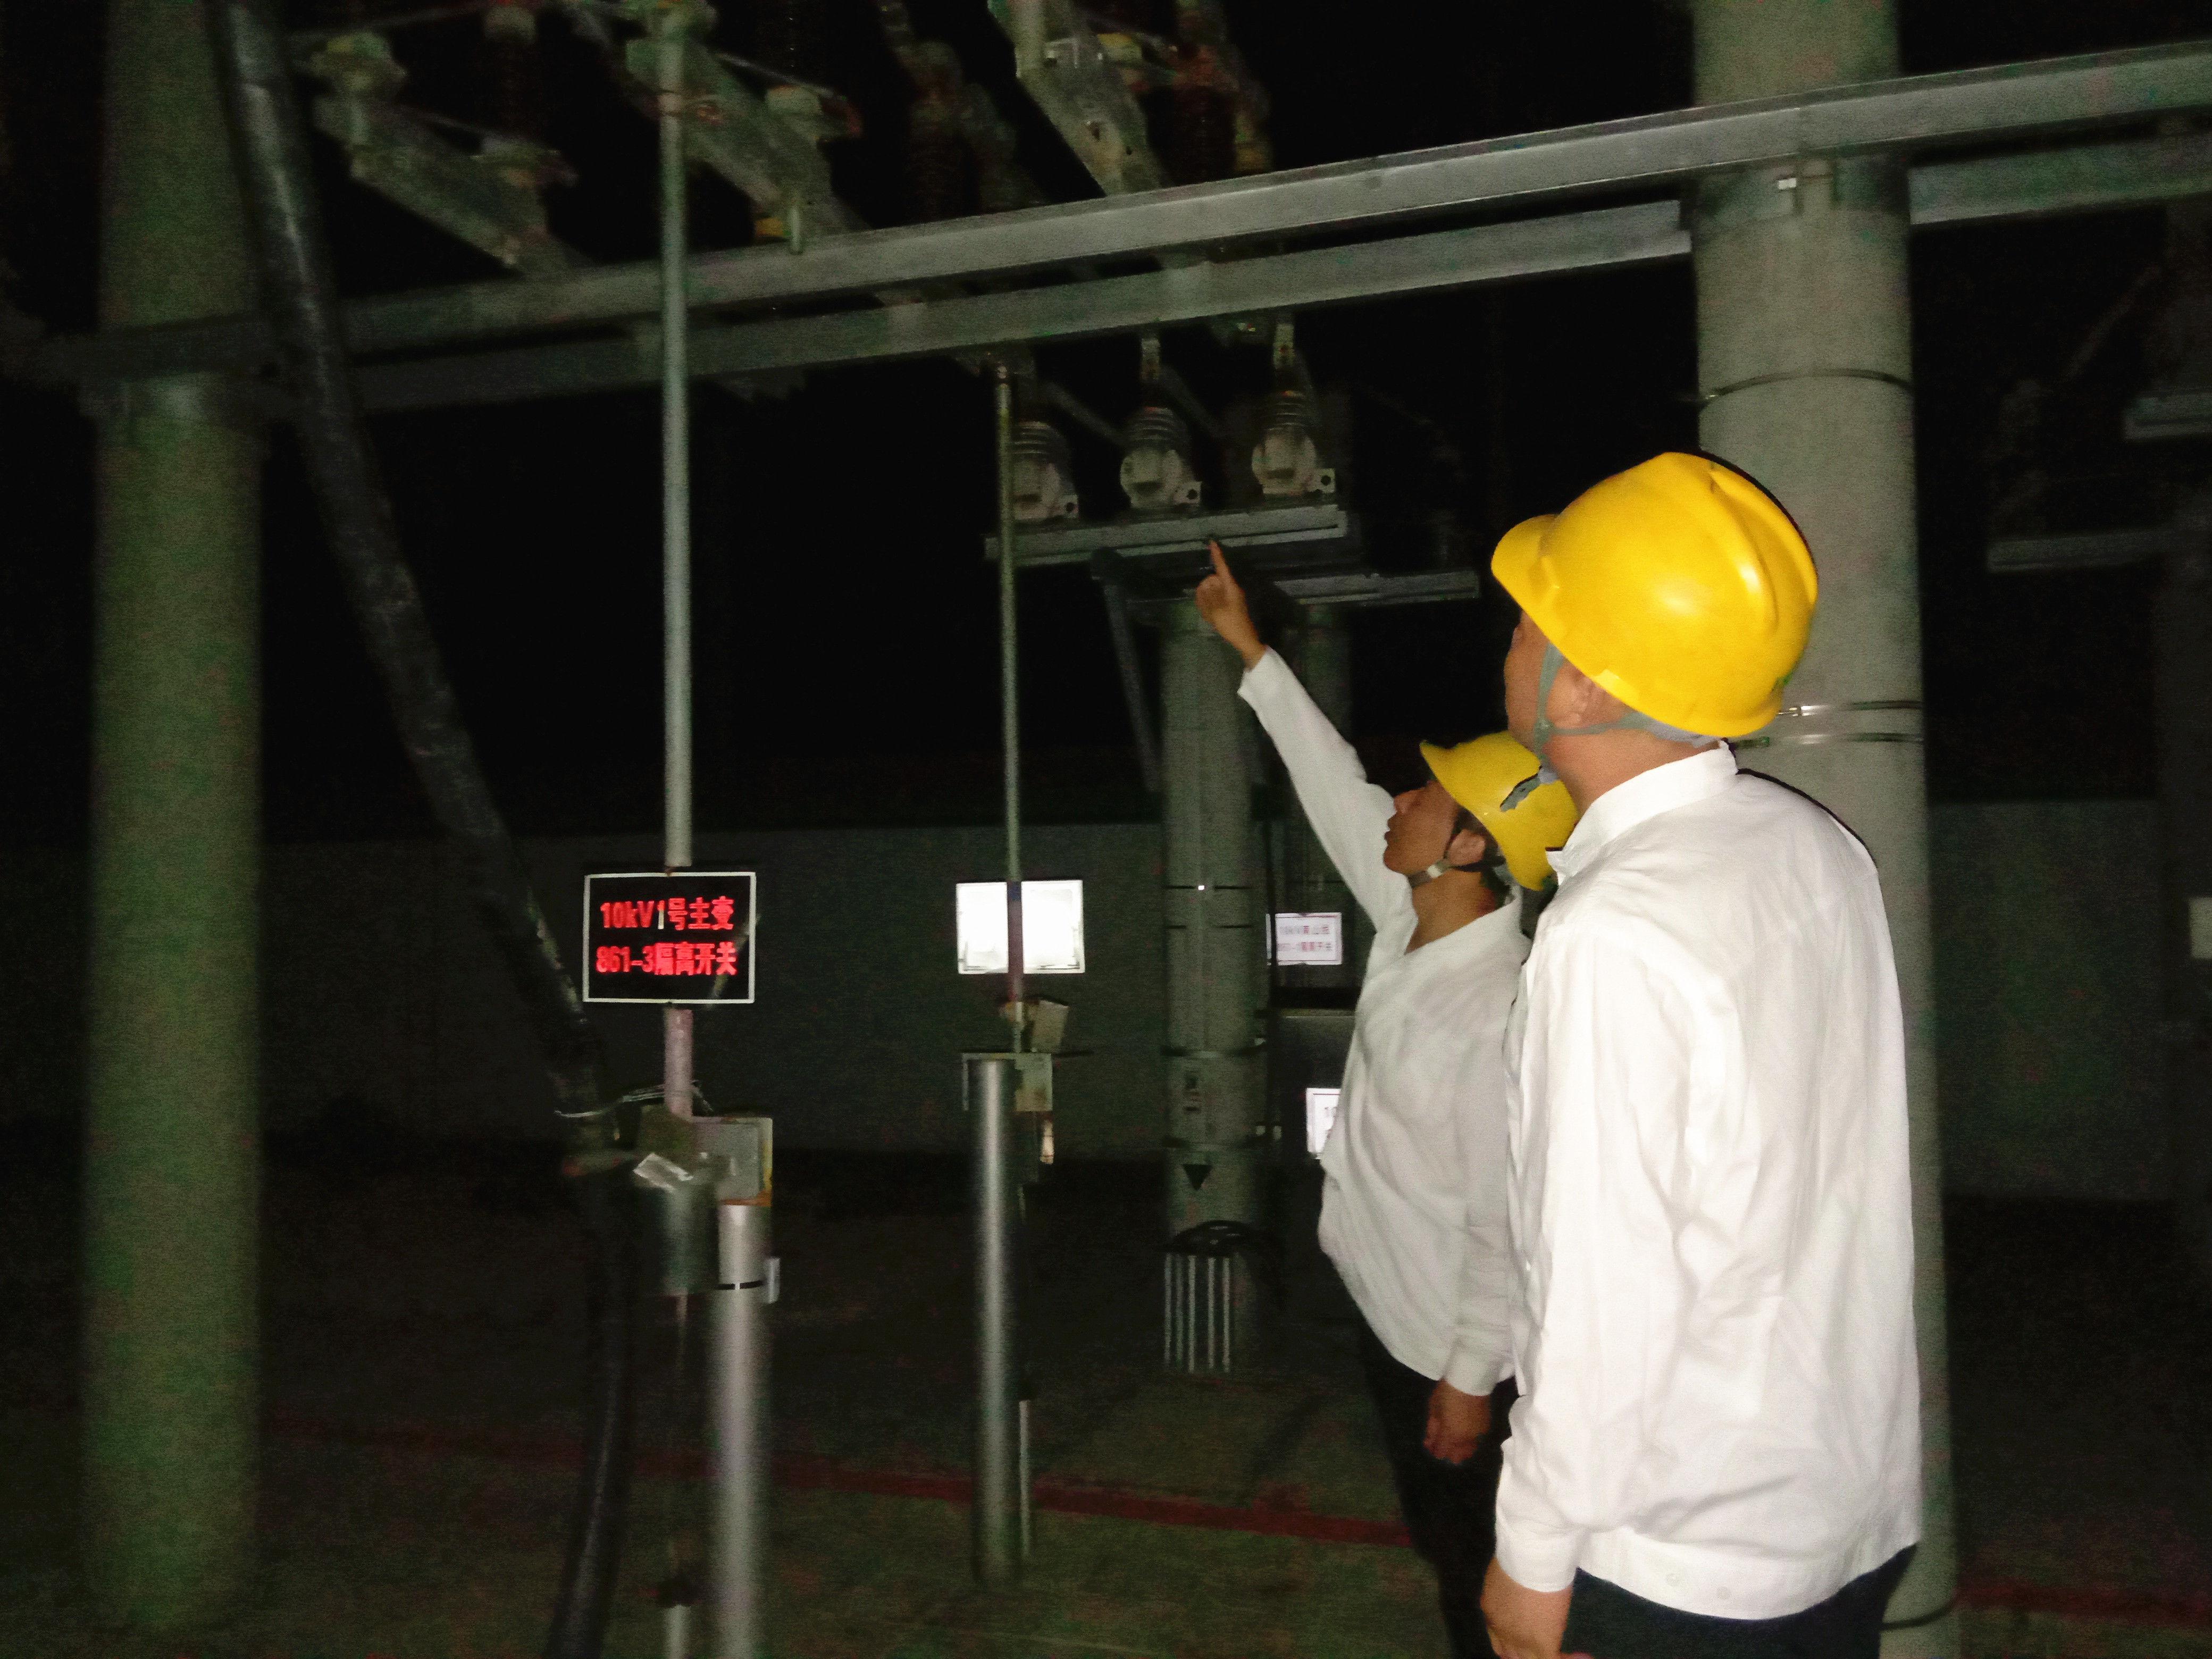 盐湖供电公司组织人员对辖区变电站进行专项特巡 及时消除隐患 确保电力安全有序供应